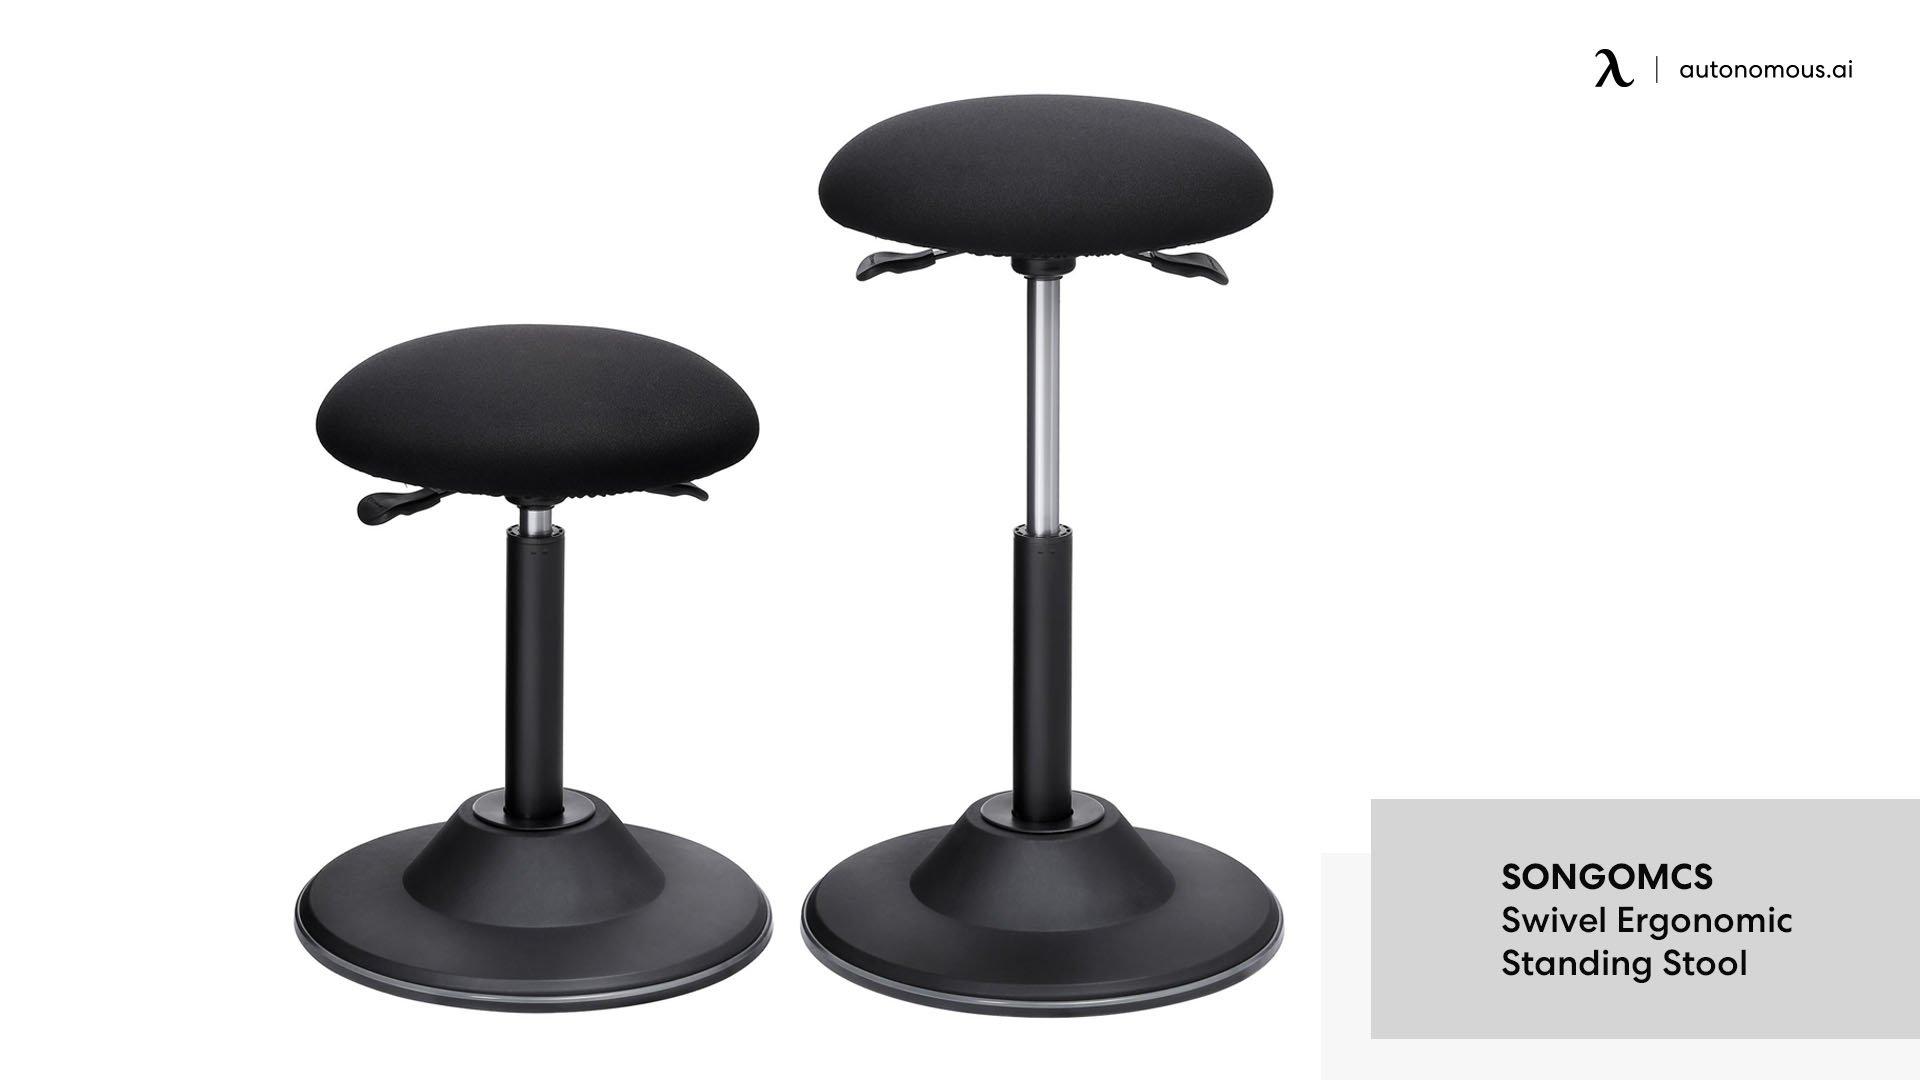 Aeris GmbH Swopper Chair